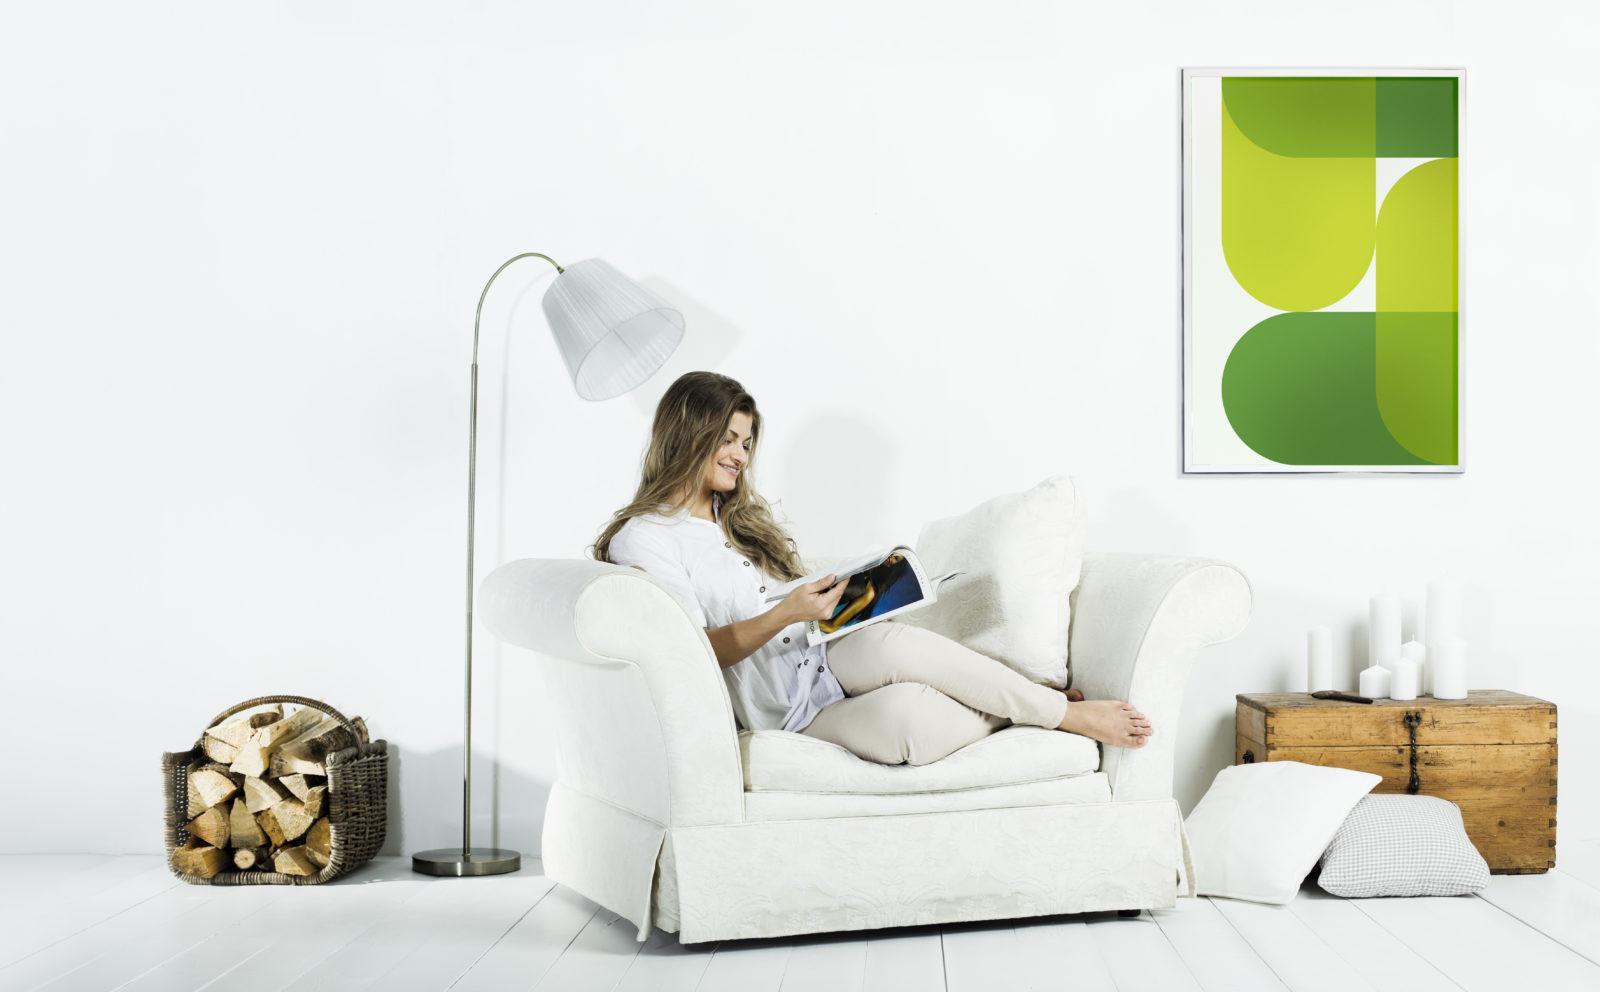 ekovilla puhallusvilla levyvilla asennus palvelut lämmöneristäminen rakentaminen helppous